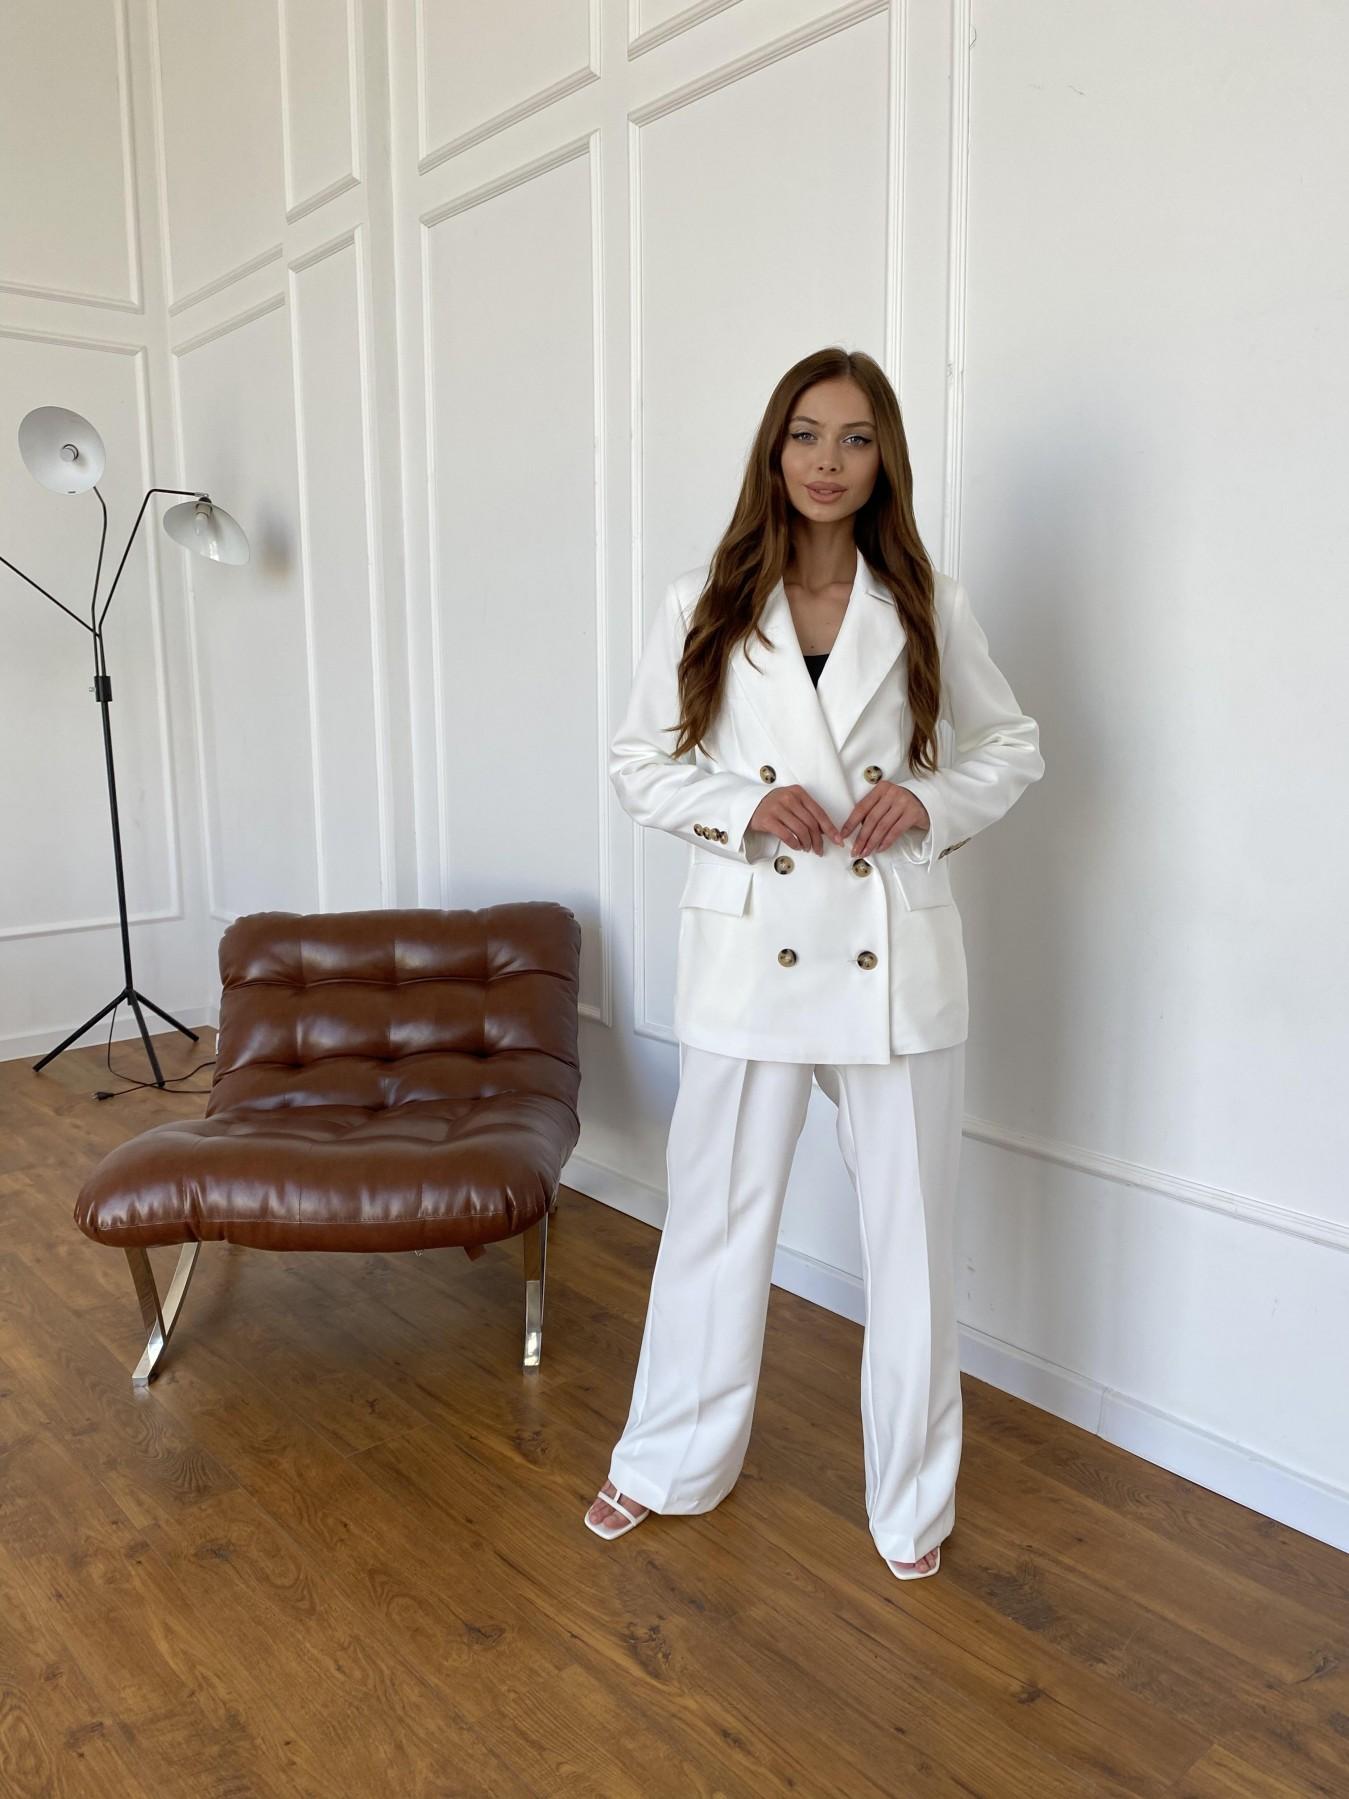 Белисимо  костюм стрейч из костюмной ткани 11217 АРТ. 47899 Цвет: Молоко 1 - фото 7, интернет магазин tm-modus.ru